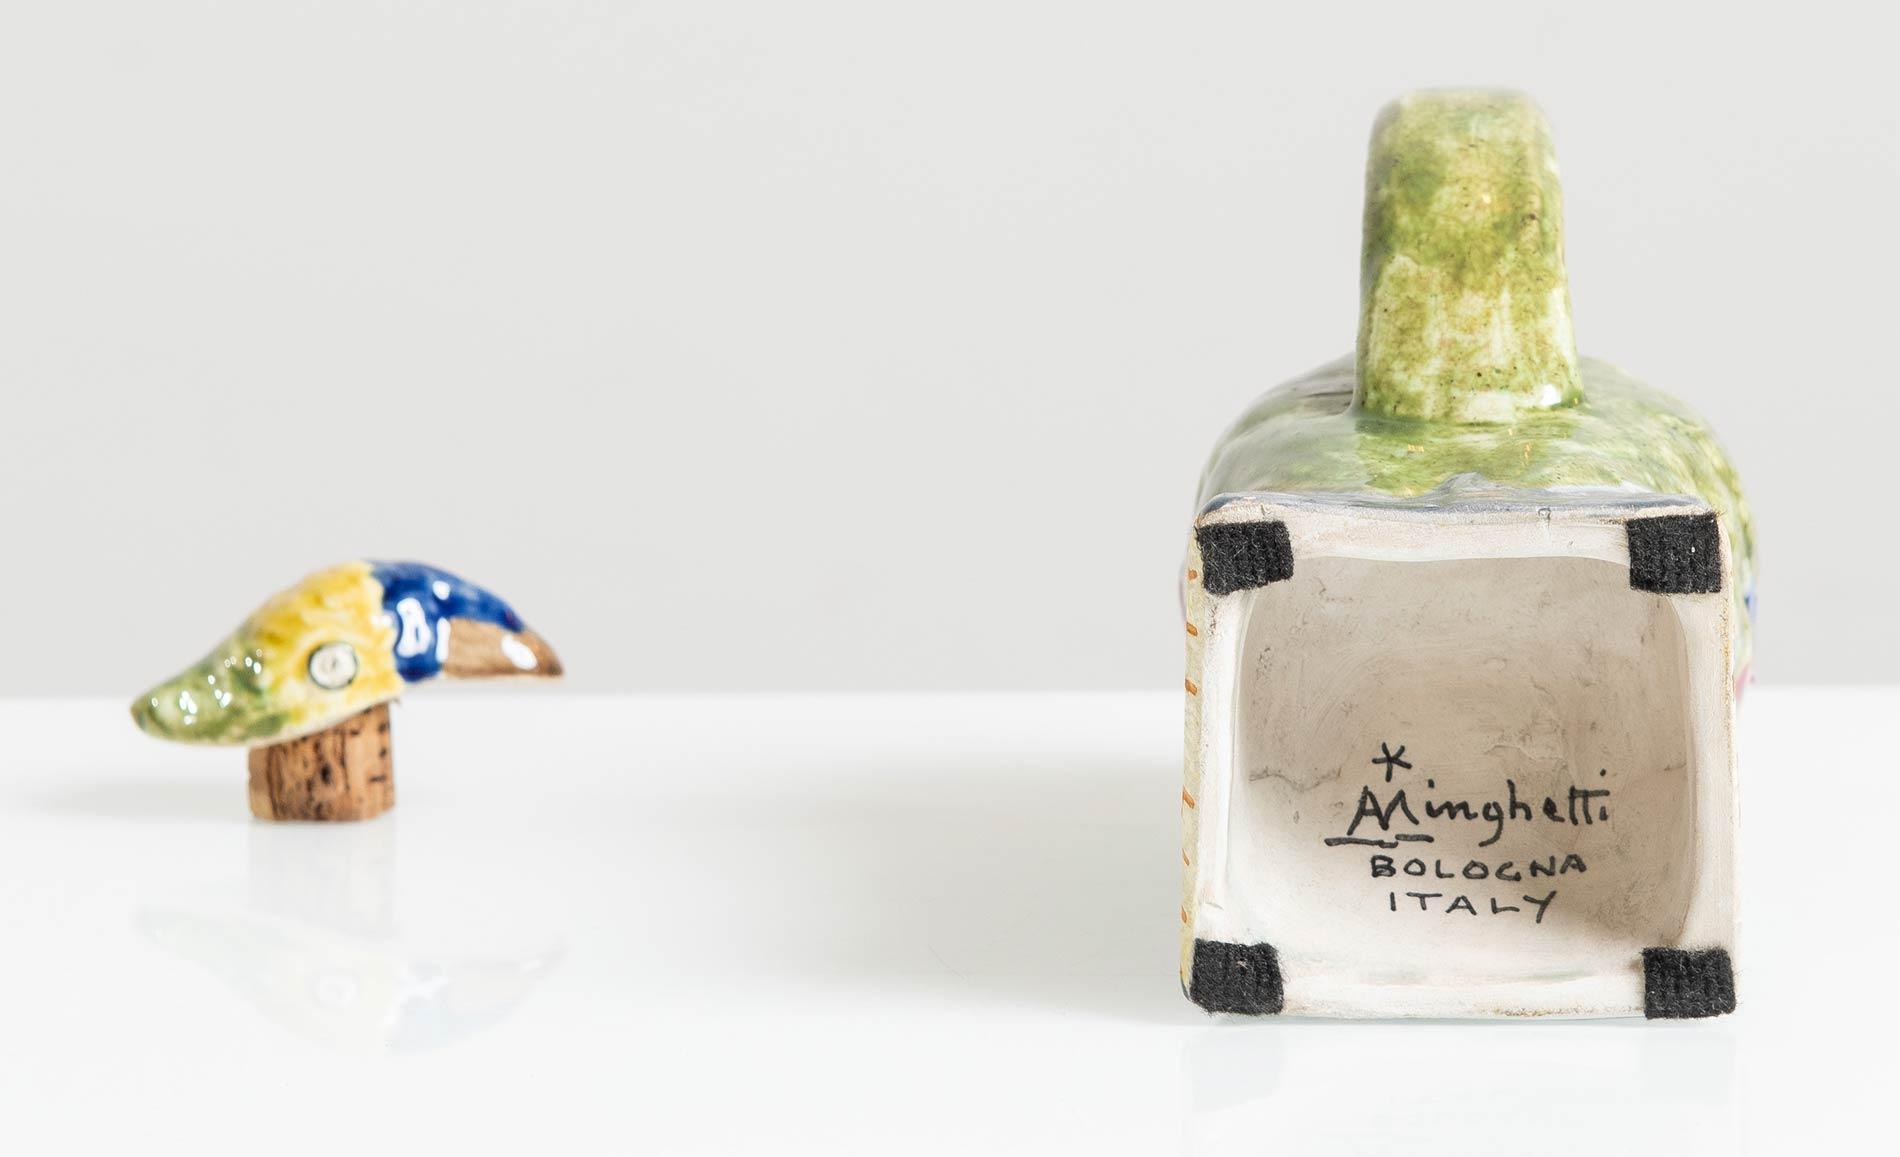 Manifattura Minghetti - Bologna, Versatoio a foggia di pappagallo in ceramica, Anni '30. - Image 4 of 5